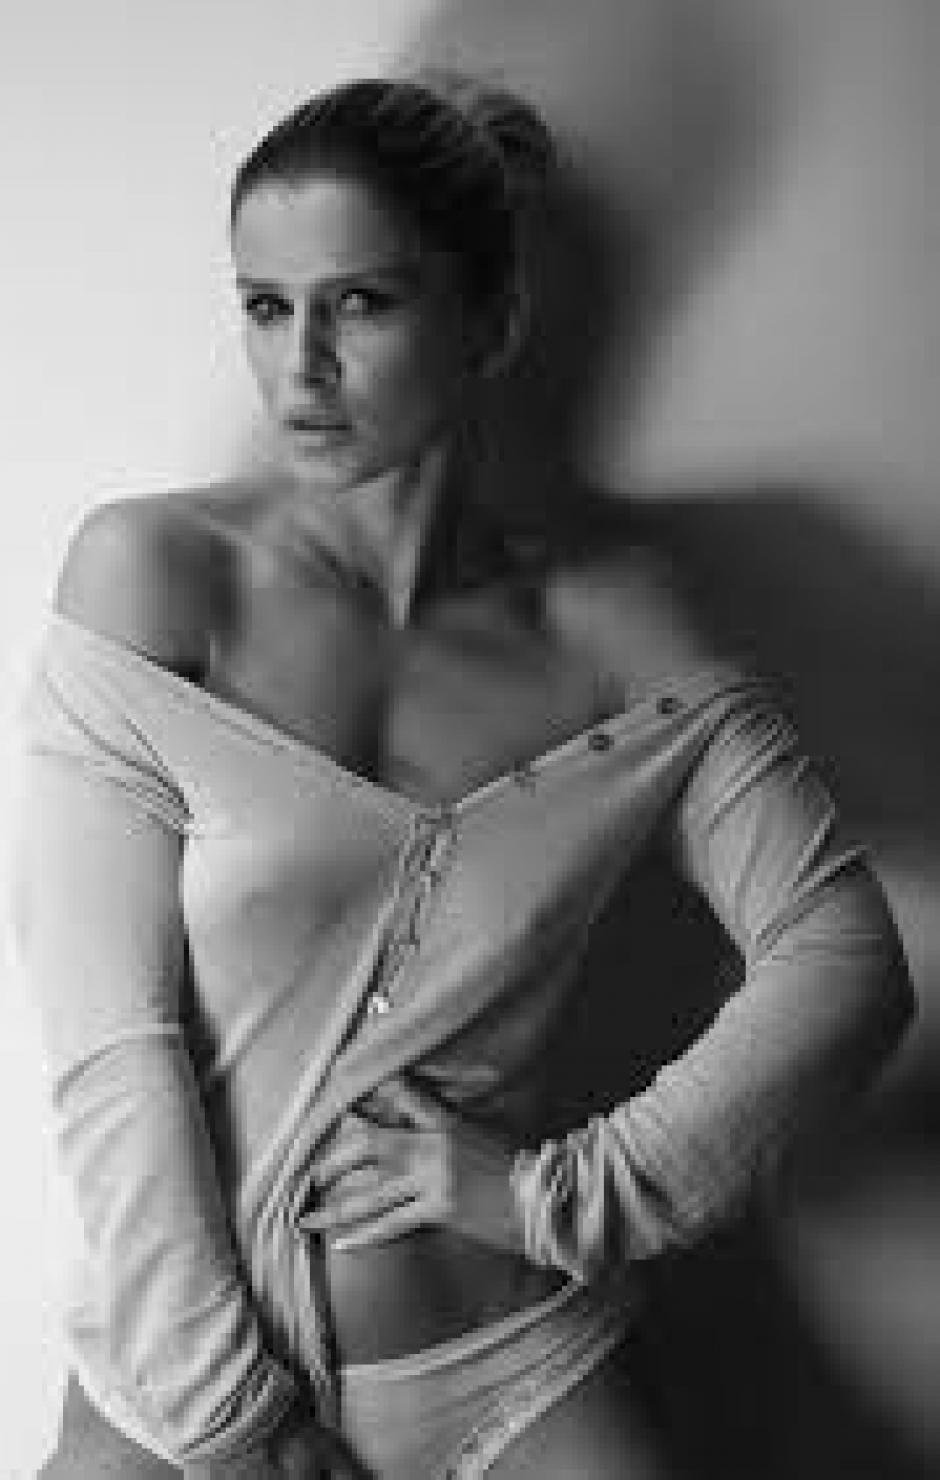 Las fotos de Slobodanka Tosic ciculan en la web. (Foto: Klix)